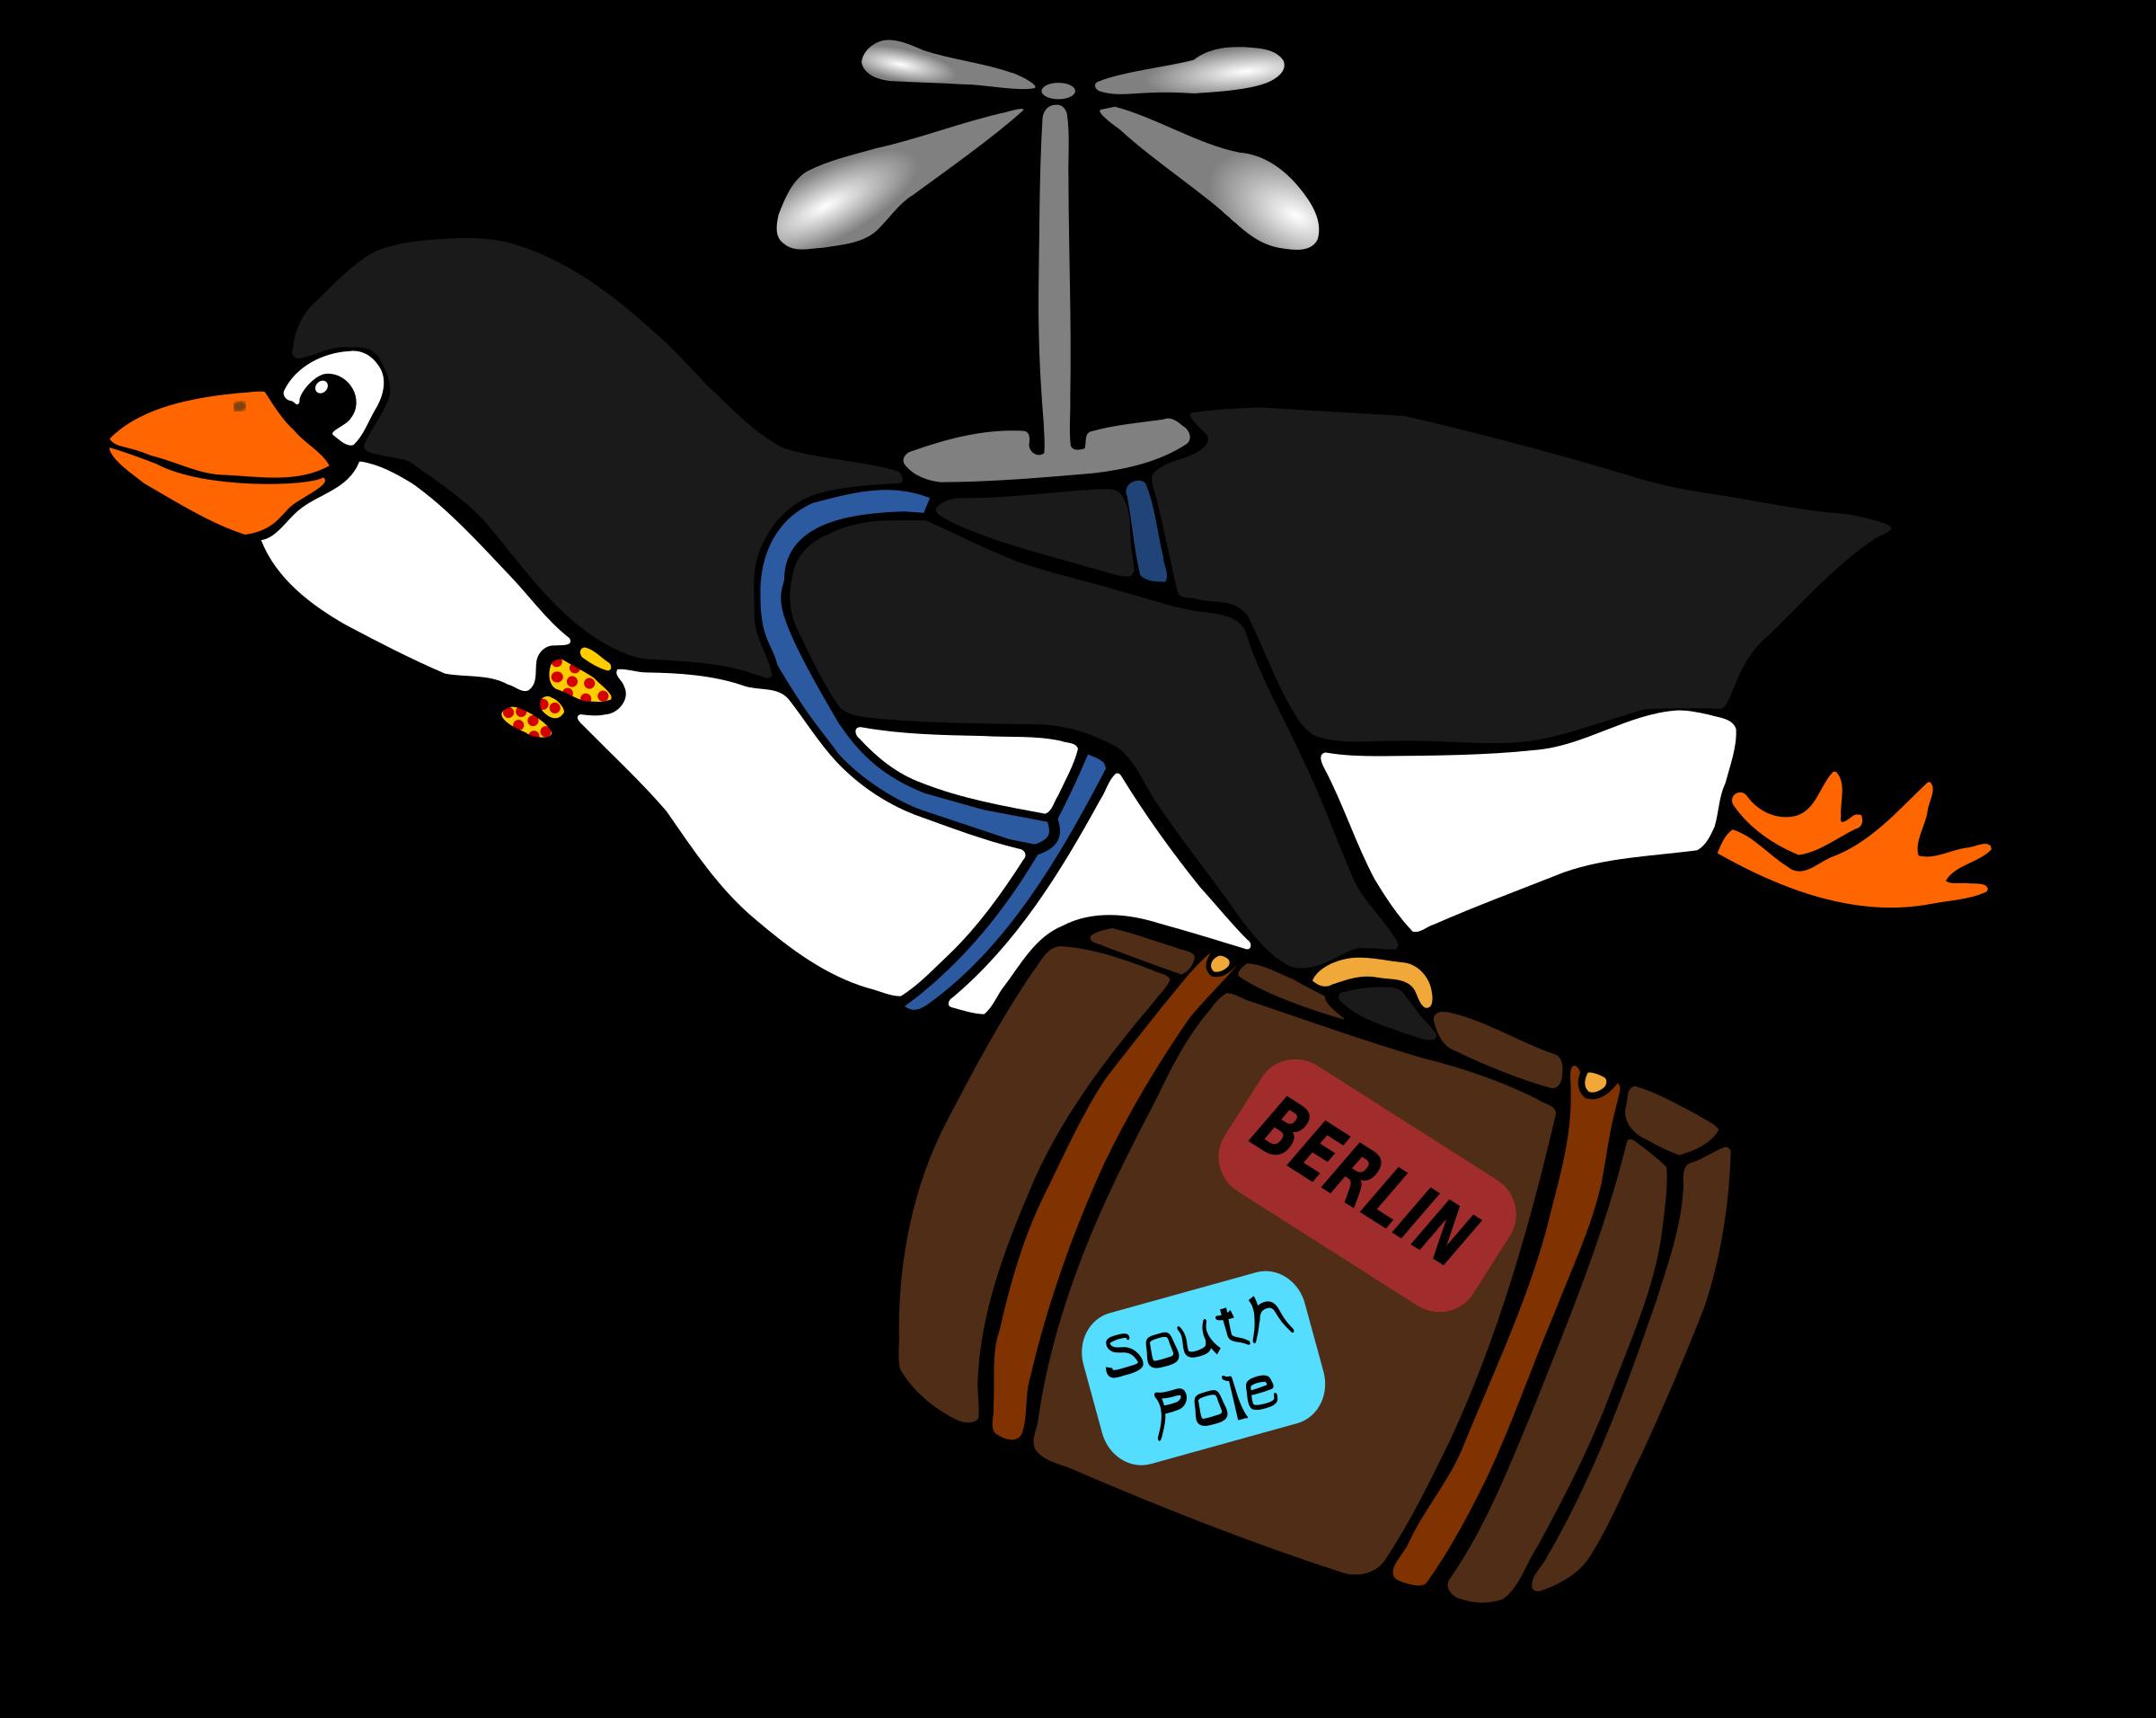 penguin clipart flying